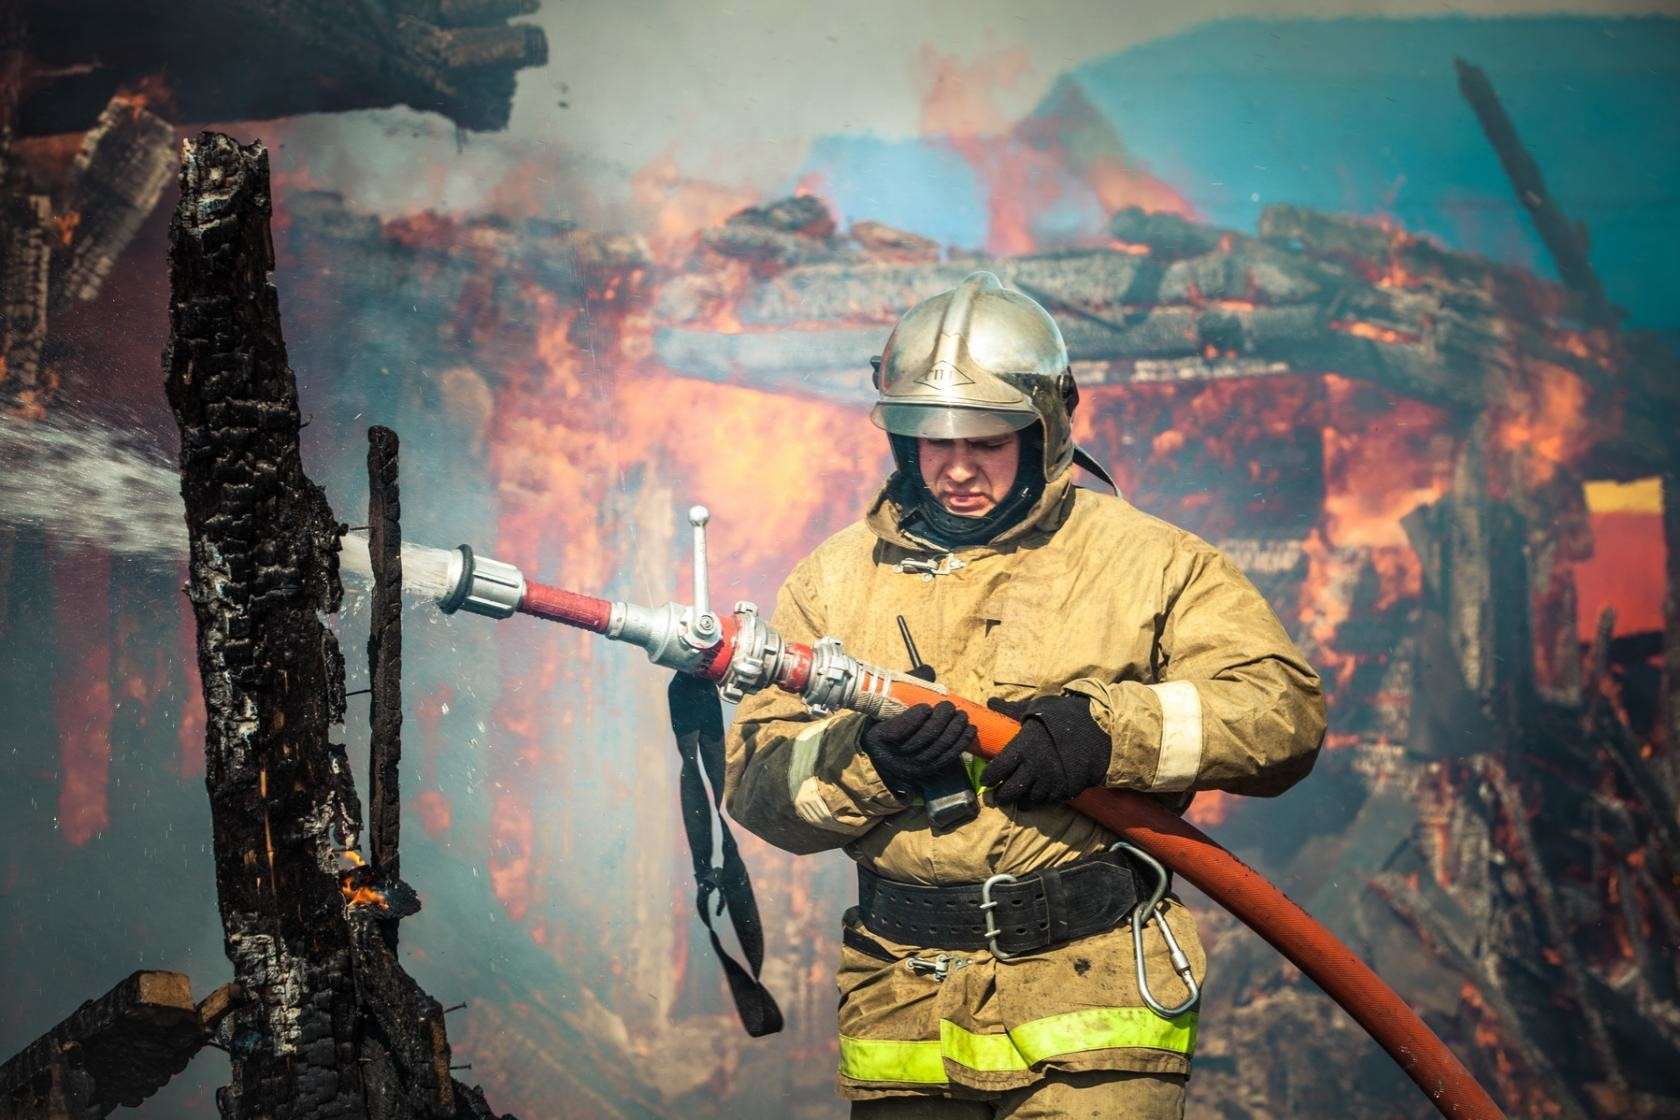 Смешные картинки, картинки день пожарной службы россии